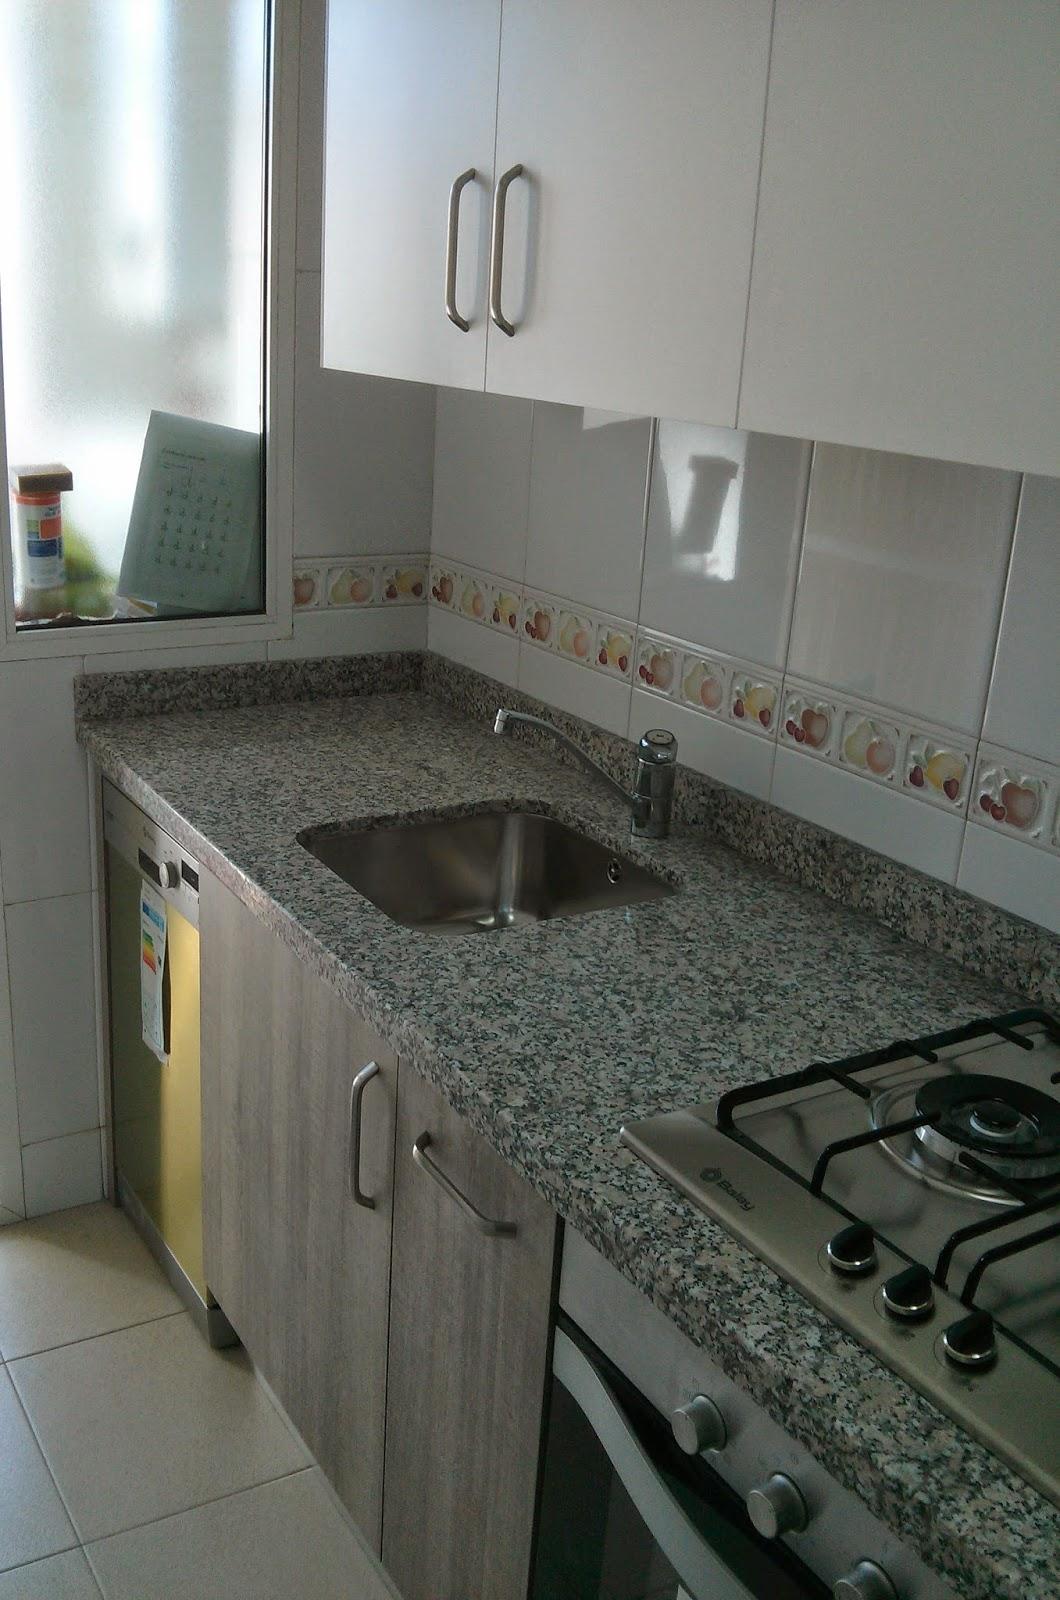 Carpinteria los molinos cocina tahon laminado roble gris for Modelos de muebles de cocina altos y bajos